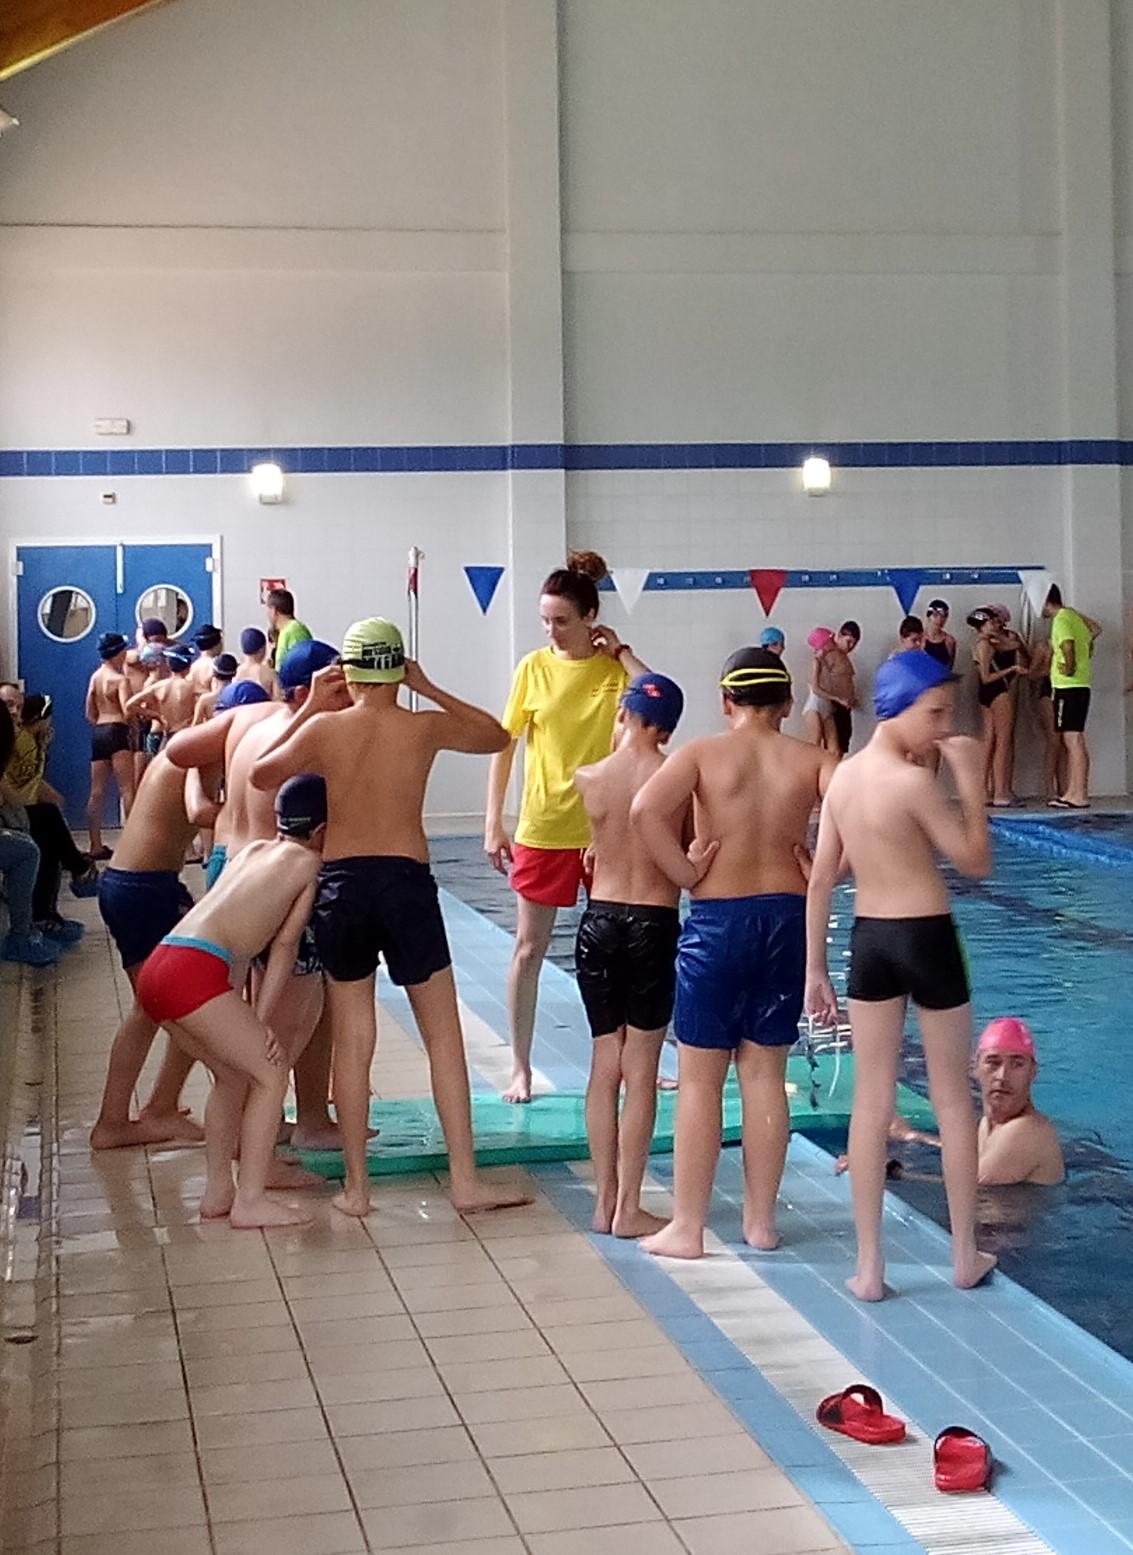 Recibiendo la clase de natación